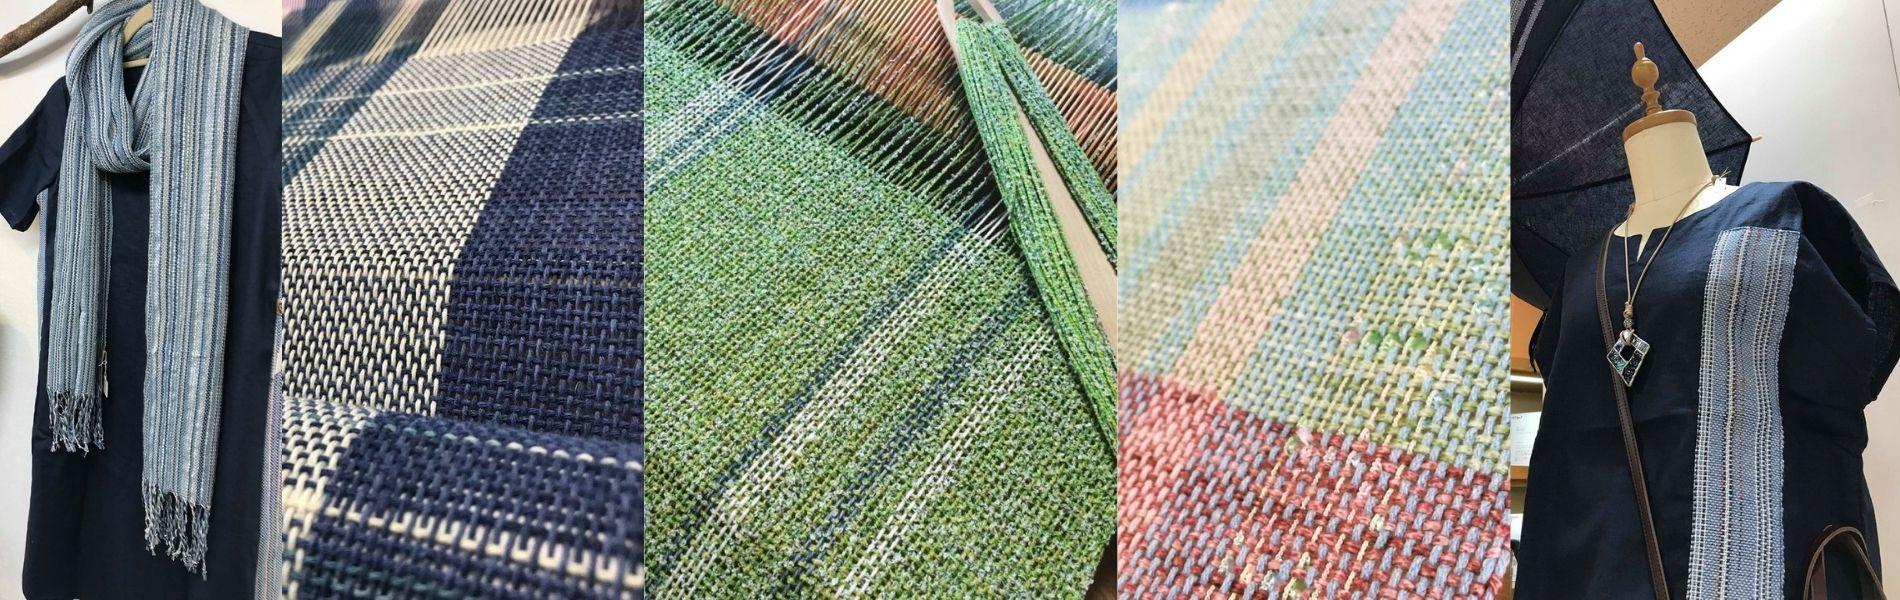 クロバー社の織り機「咲きおり」を使った手織りの数々を紹介します